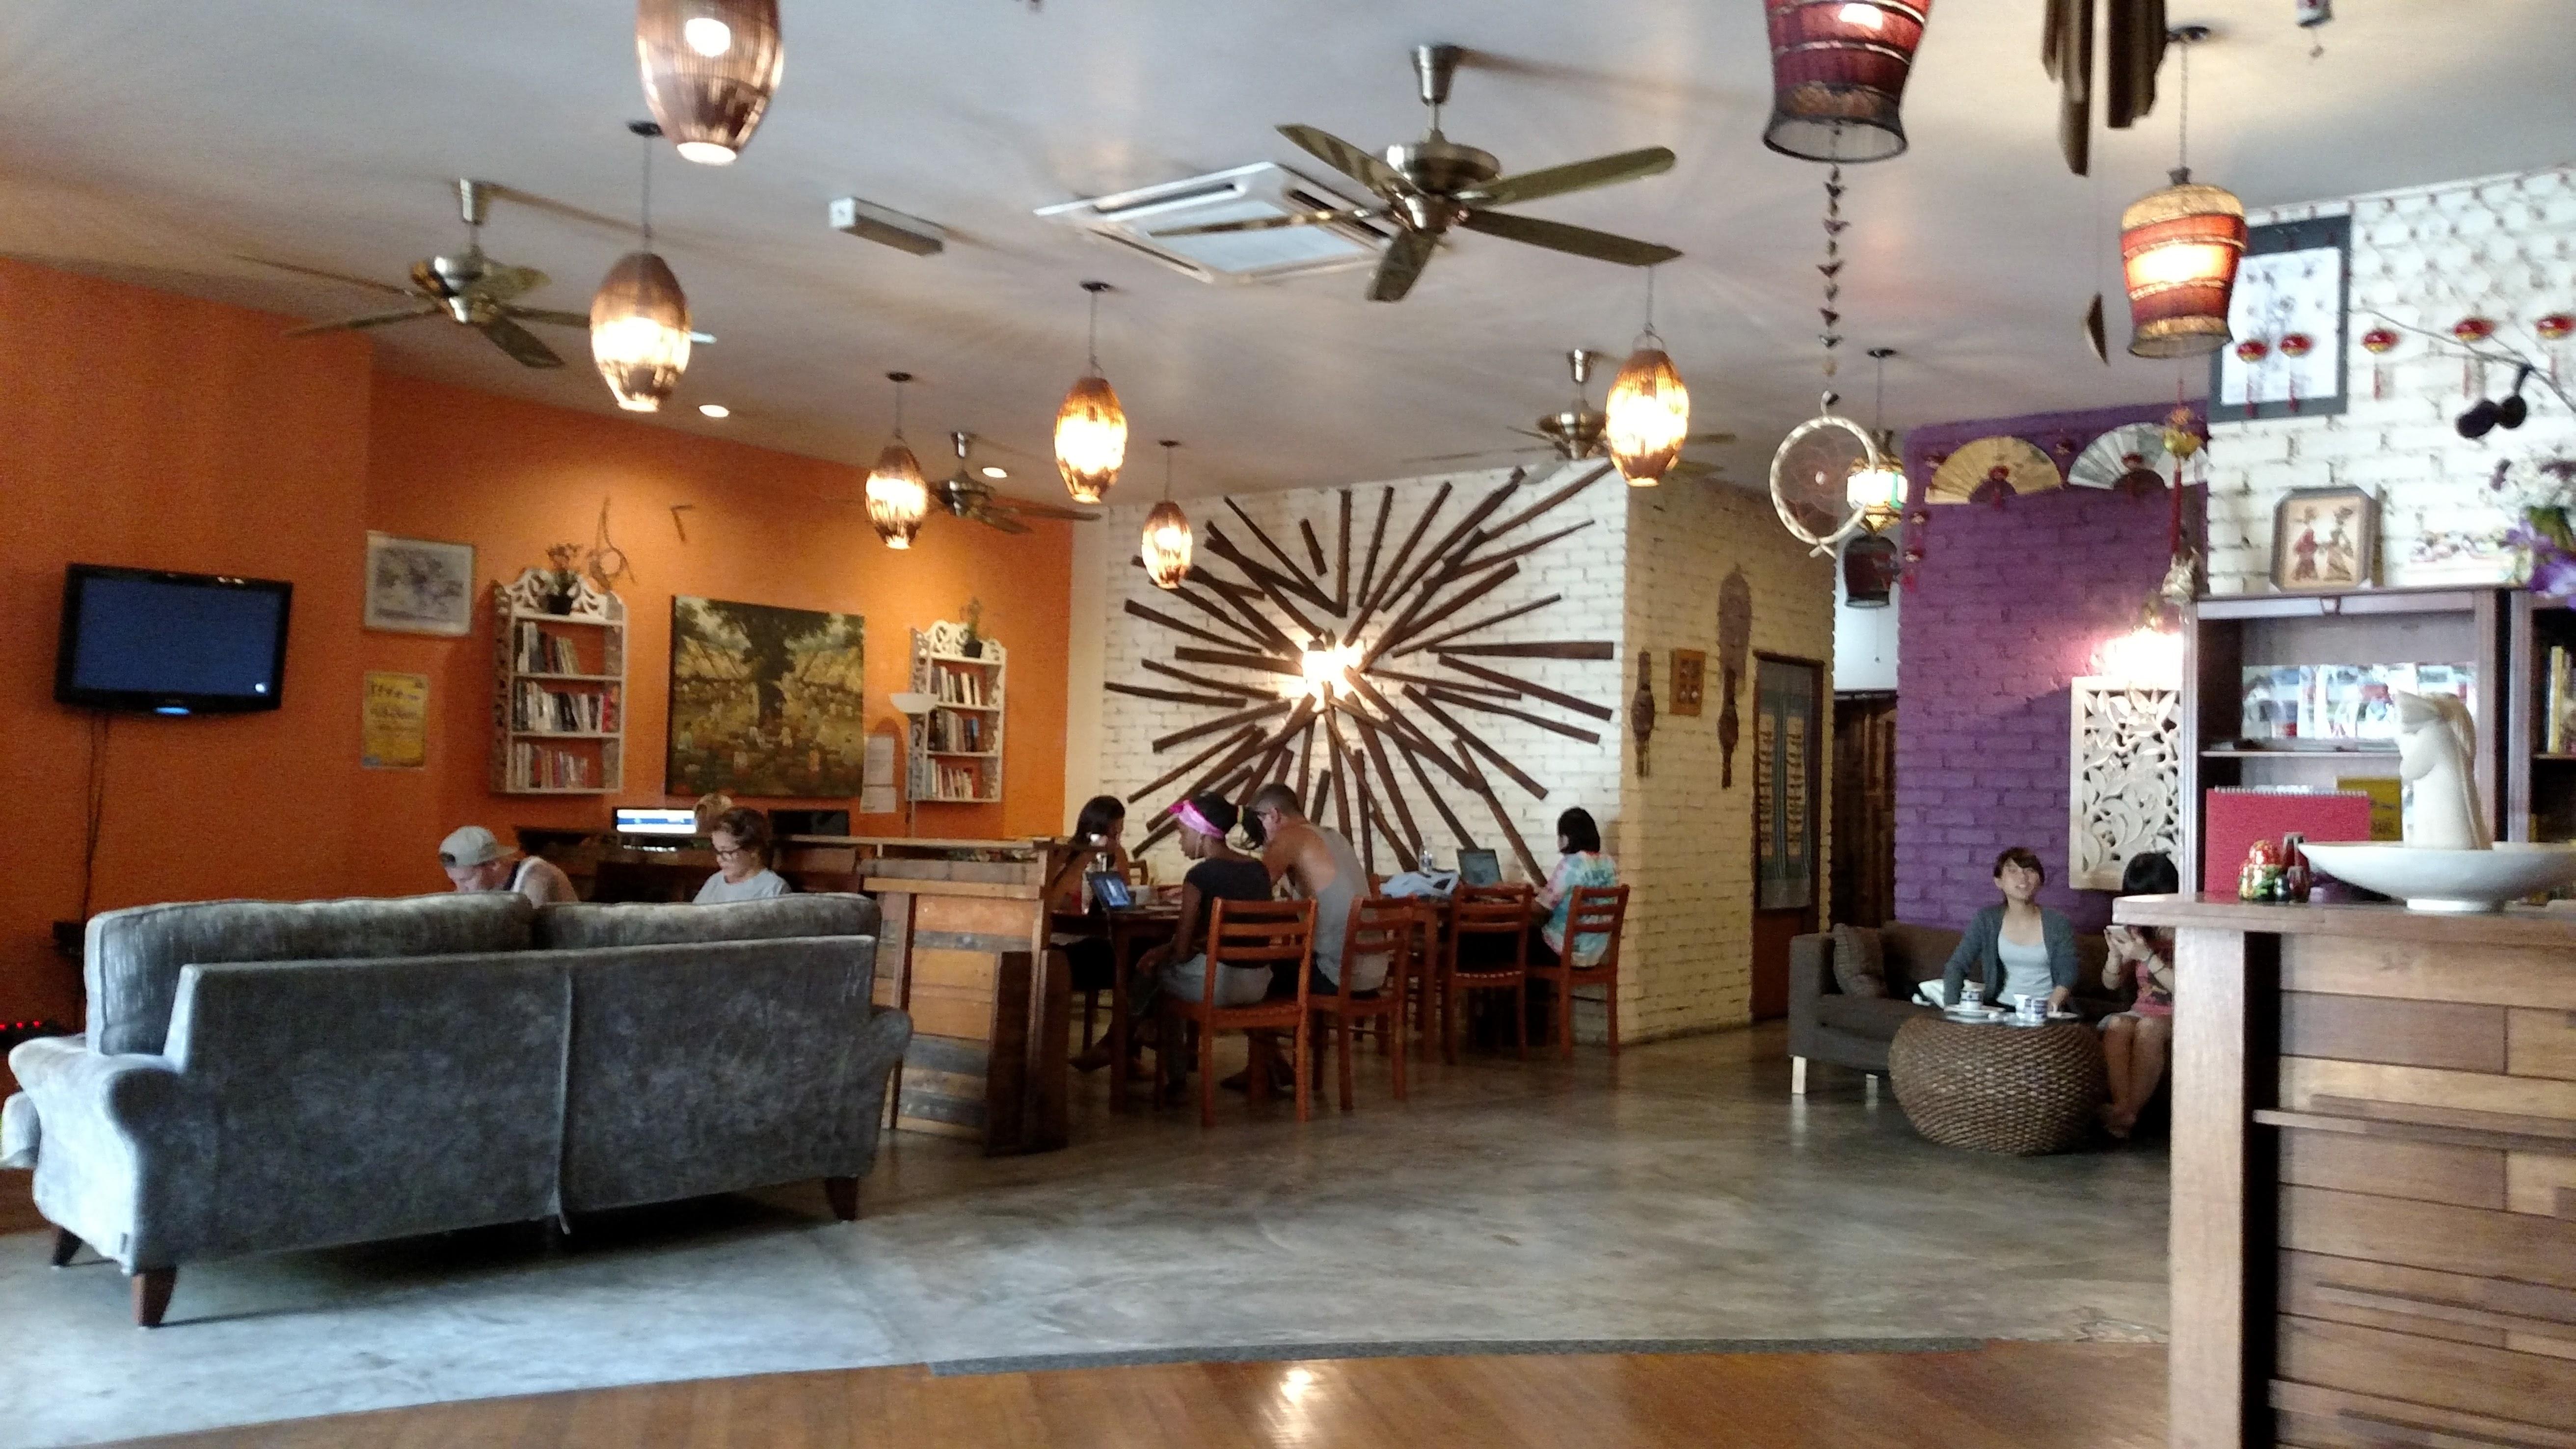 hostel-kuala-lumpur-amanda-viaja